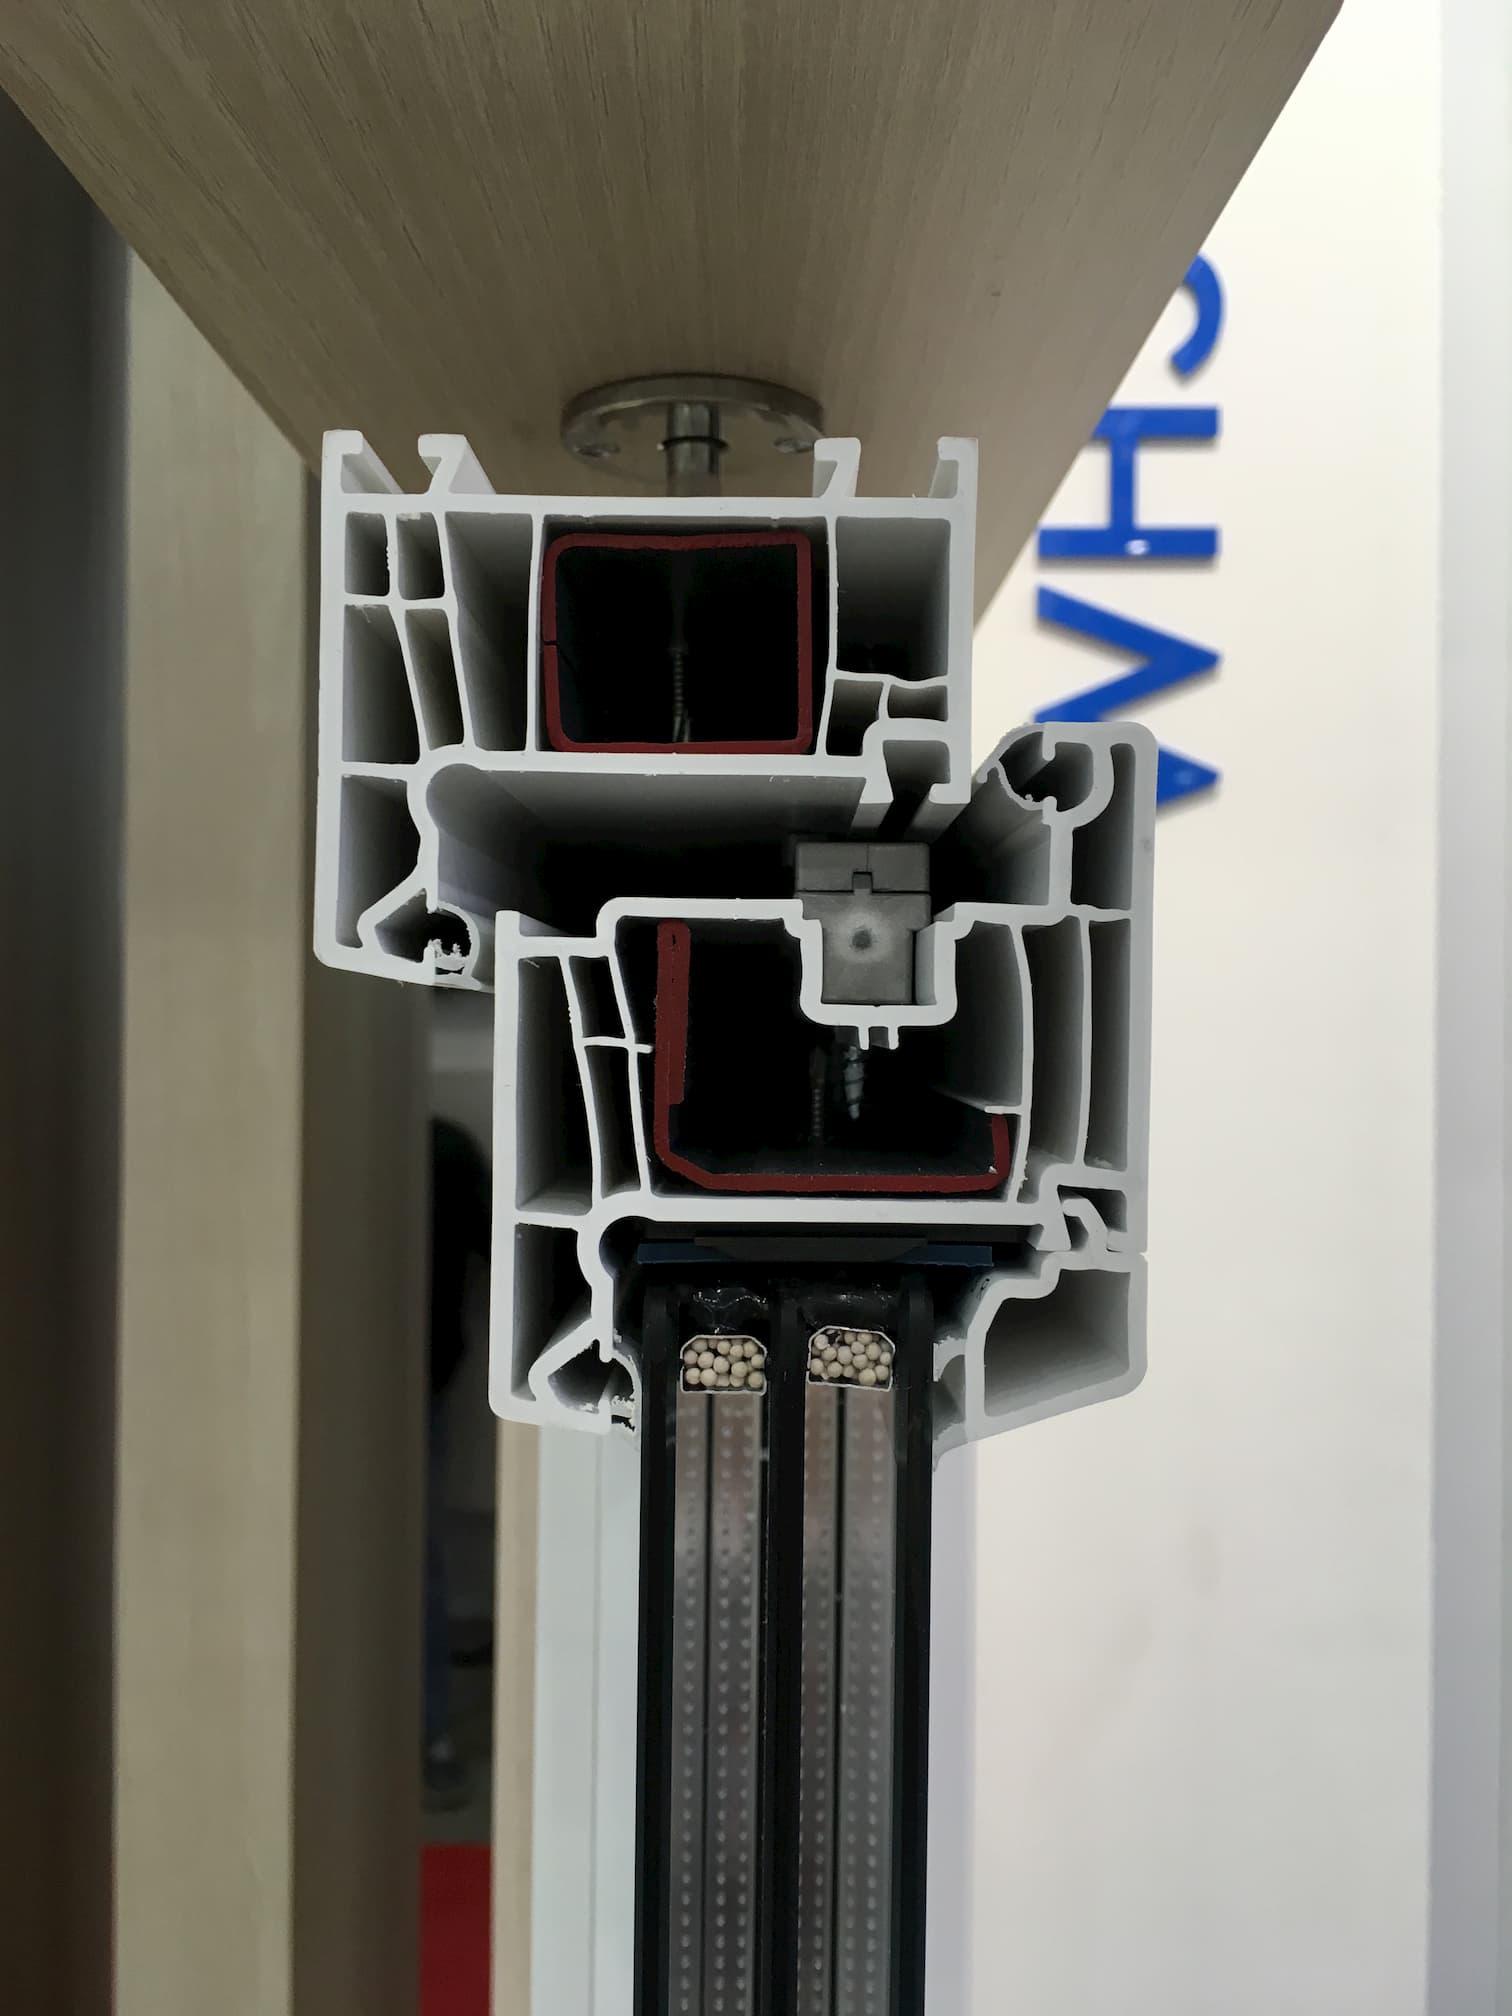 tild3964 6464 4830 b338 393939633536 img 7700 Ялта окна VEKA - изготовление и установка окон и дверей